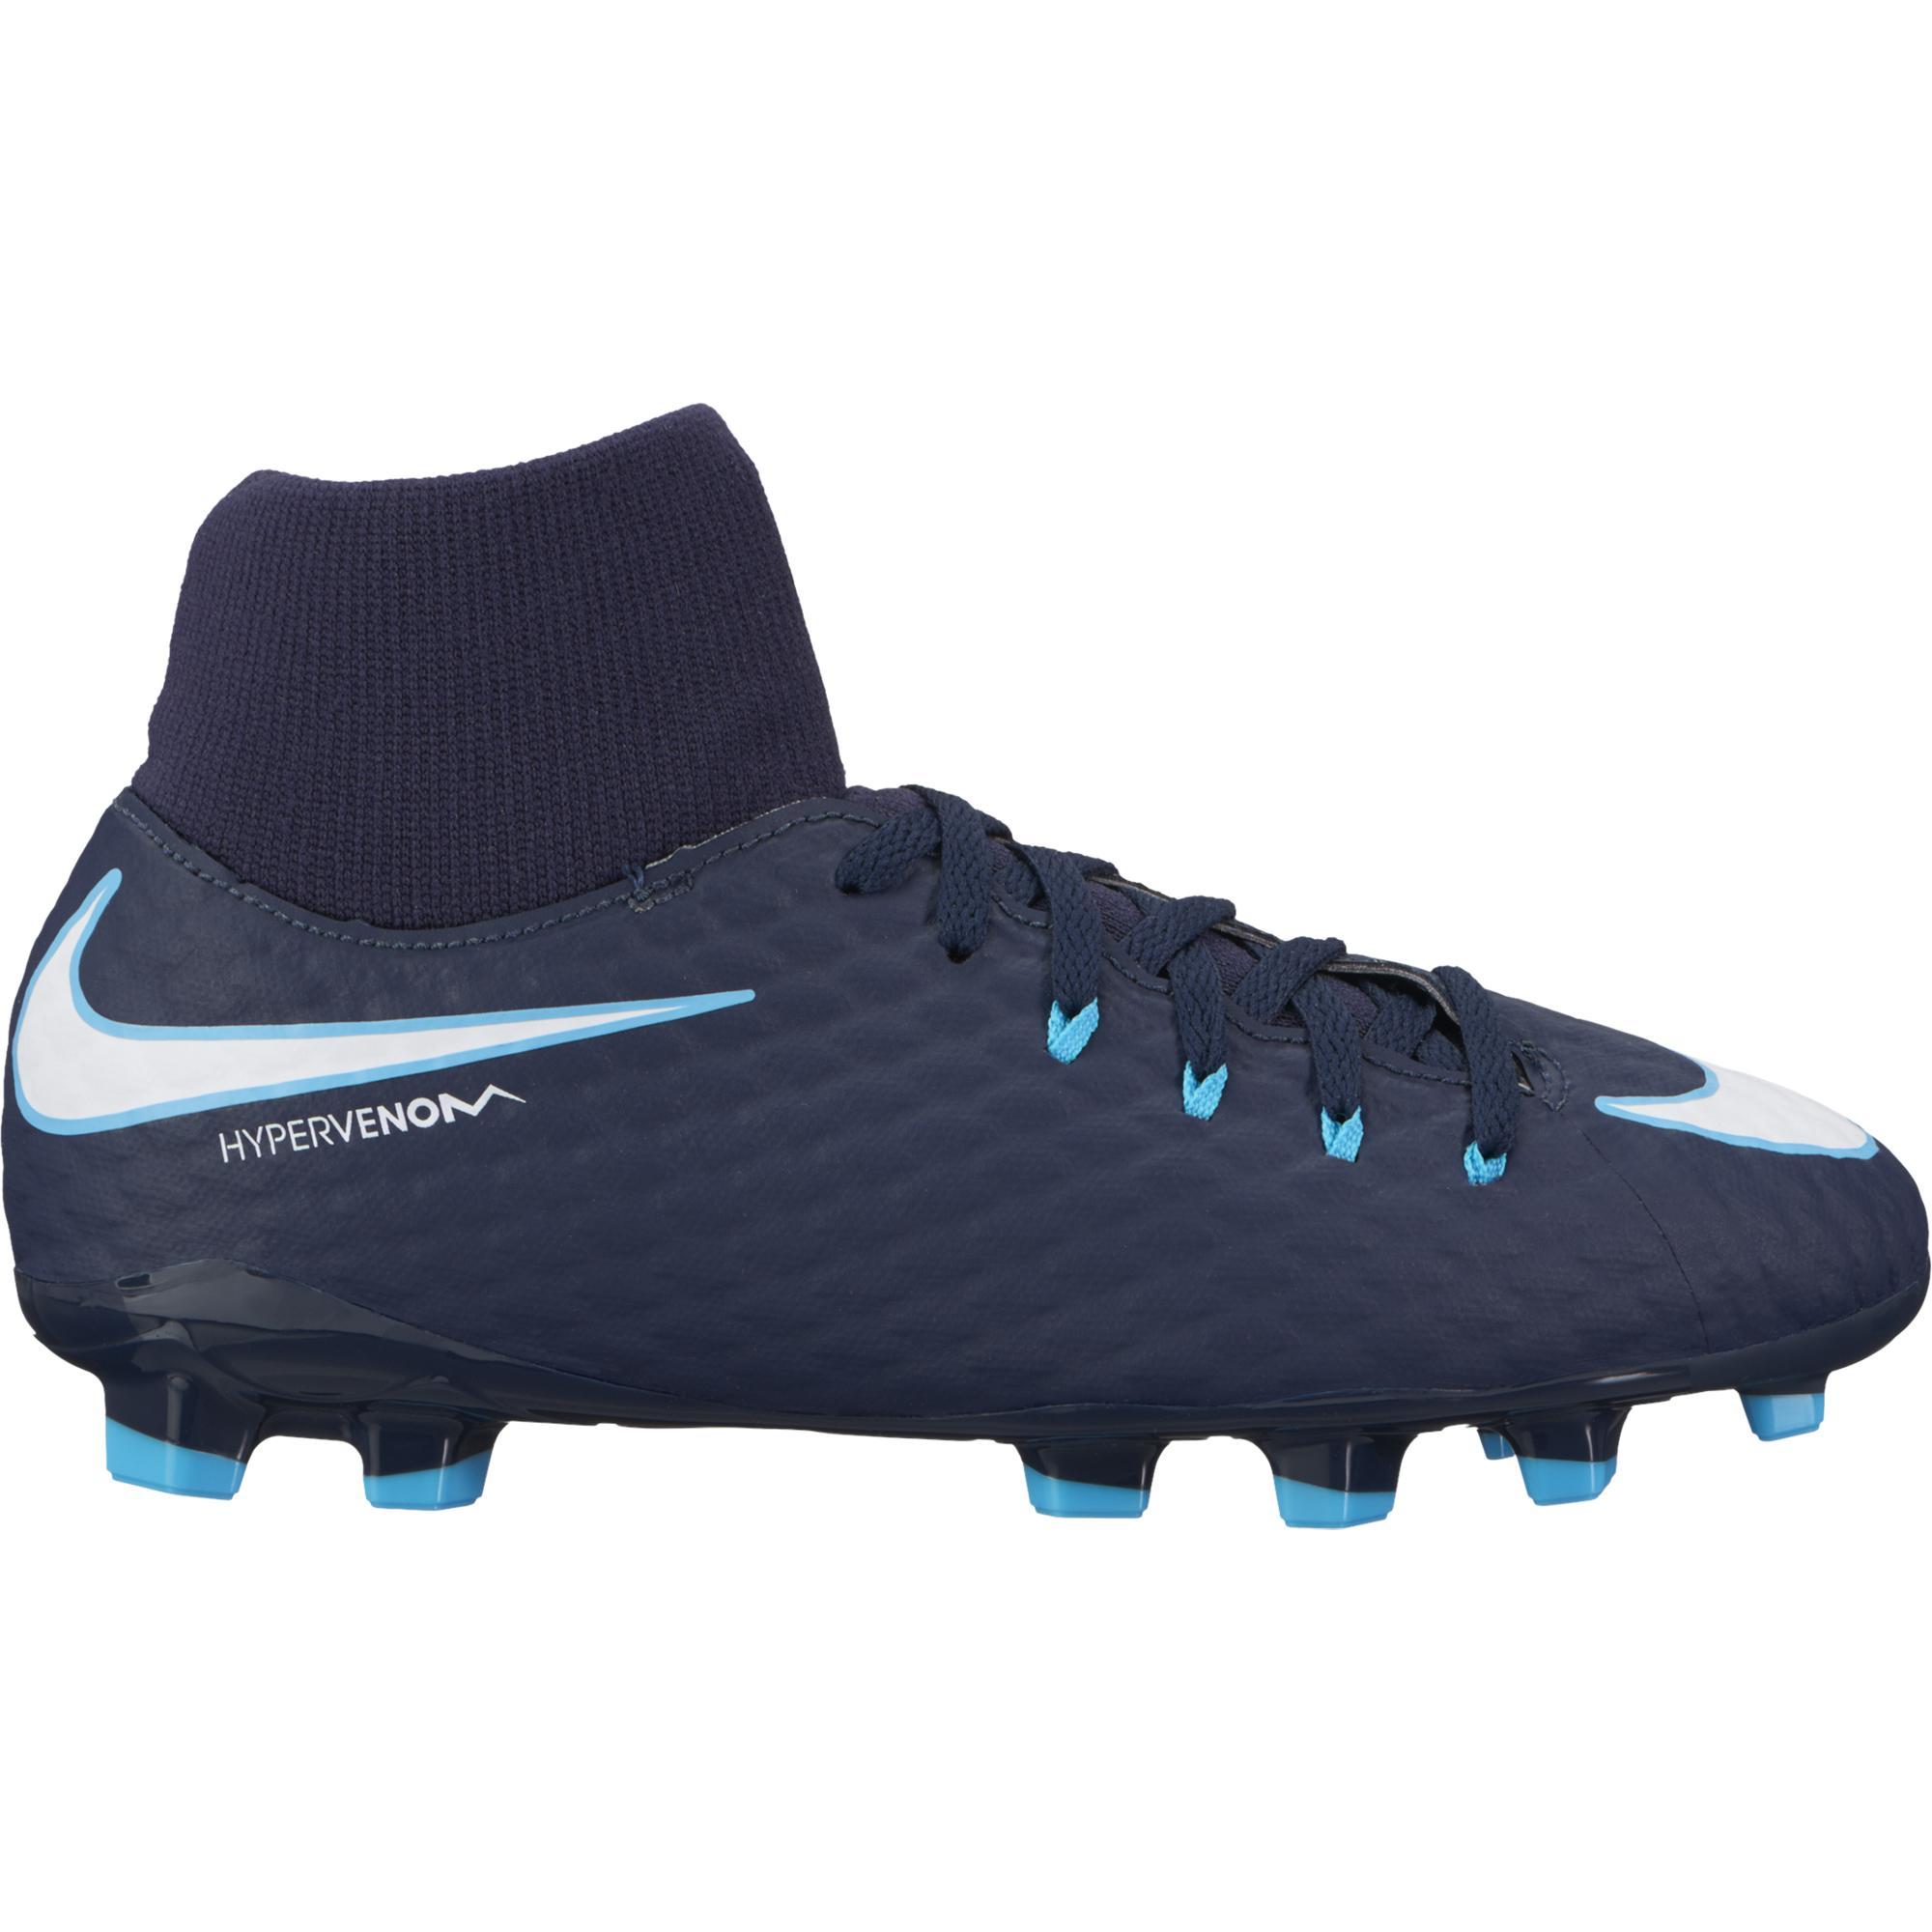 Scarpe Junior Phelon Jr Hypervenom Dynamic Iii Fit Nike Fg Calcio fv7Cxqq